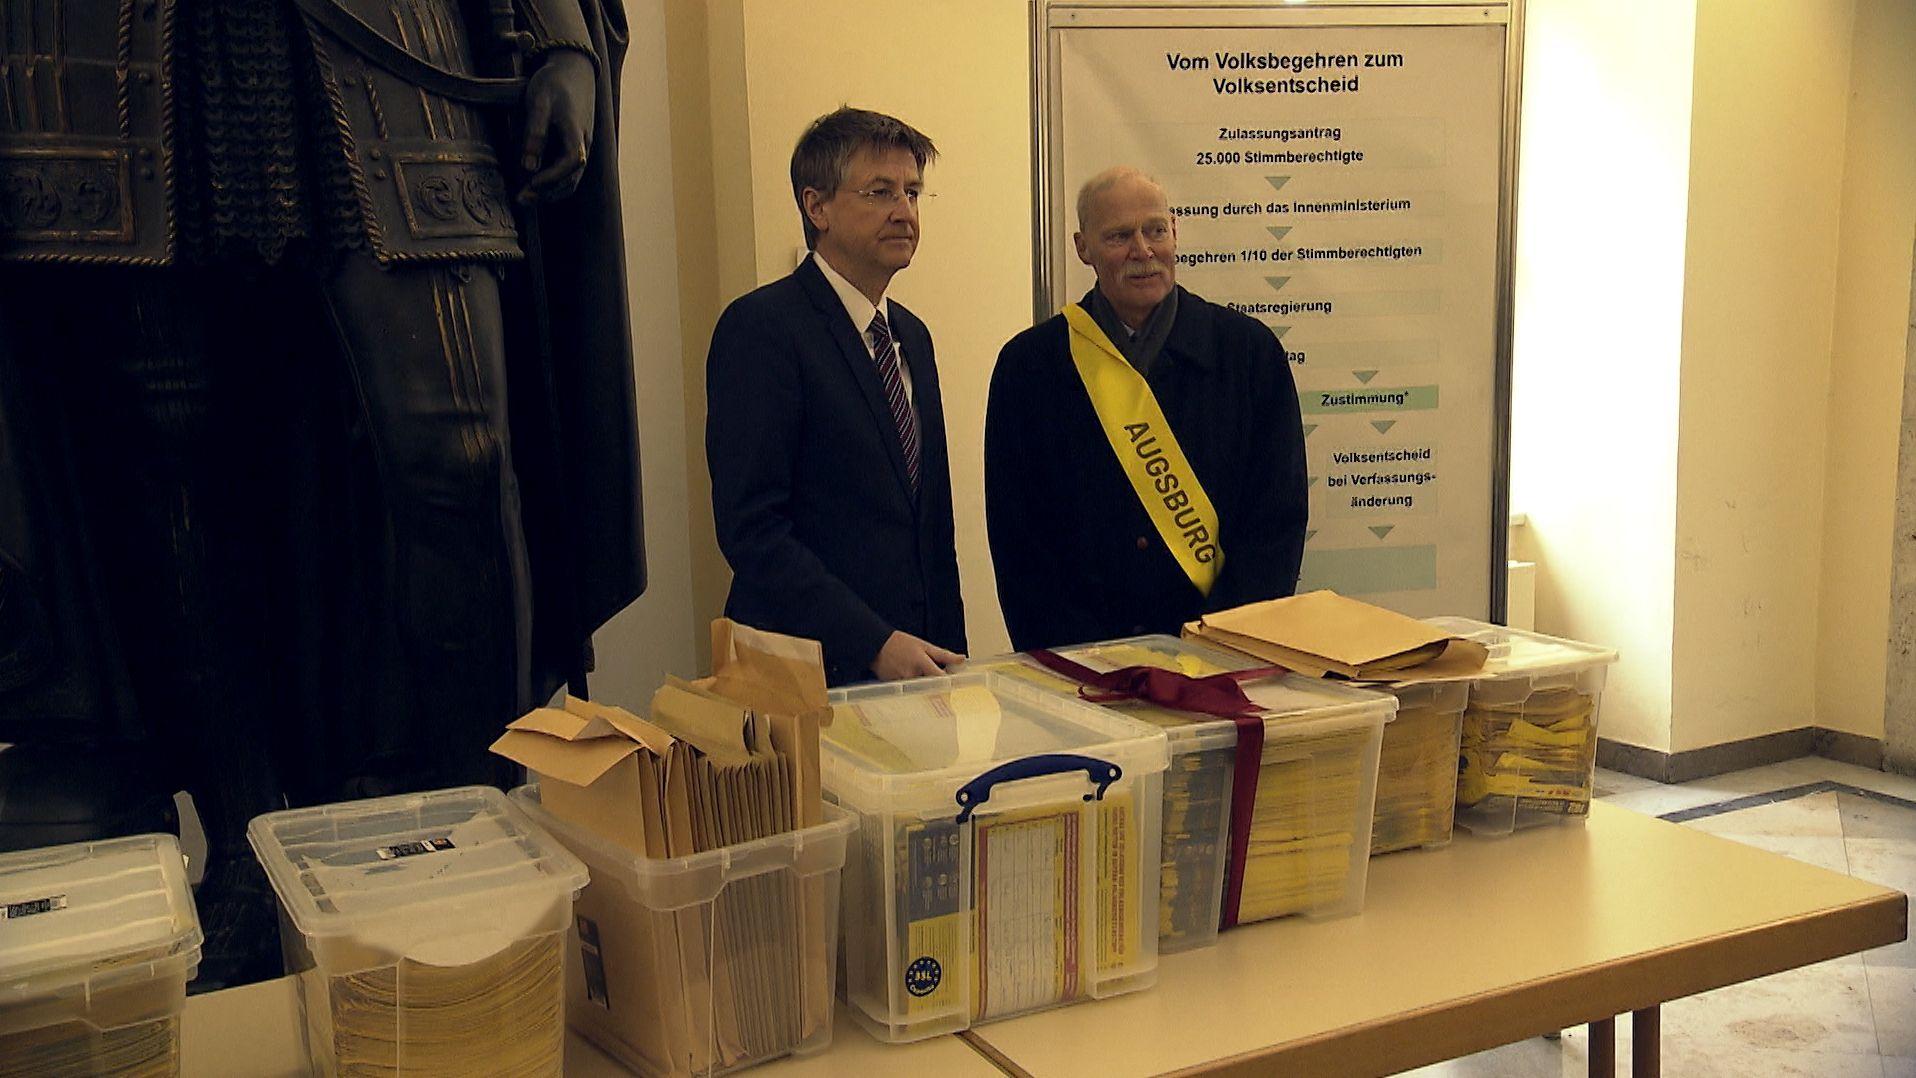 Die Initiatoren des Volksbegehrens #6JahreMietenstopp haben heute 33.500 Unterschriften an das Bayerische Innenministerium übergeben.